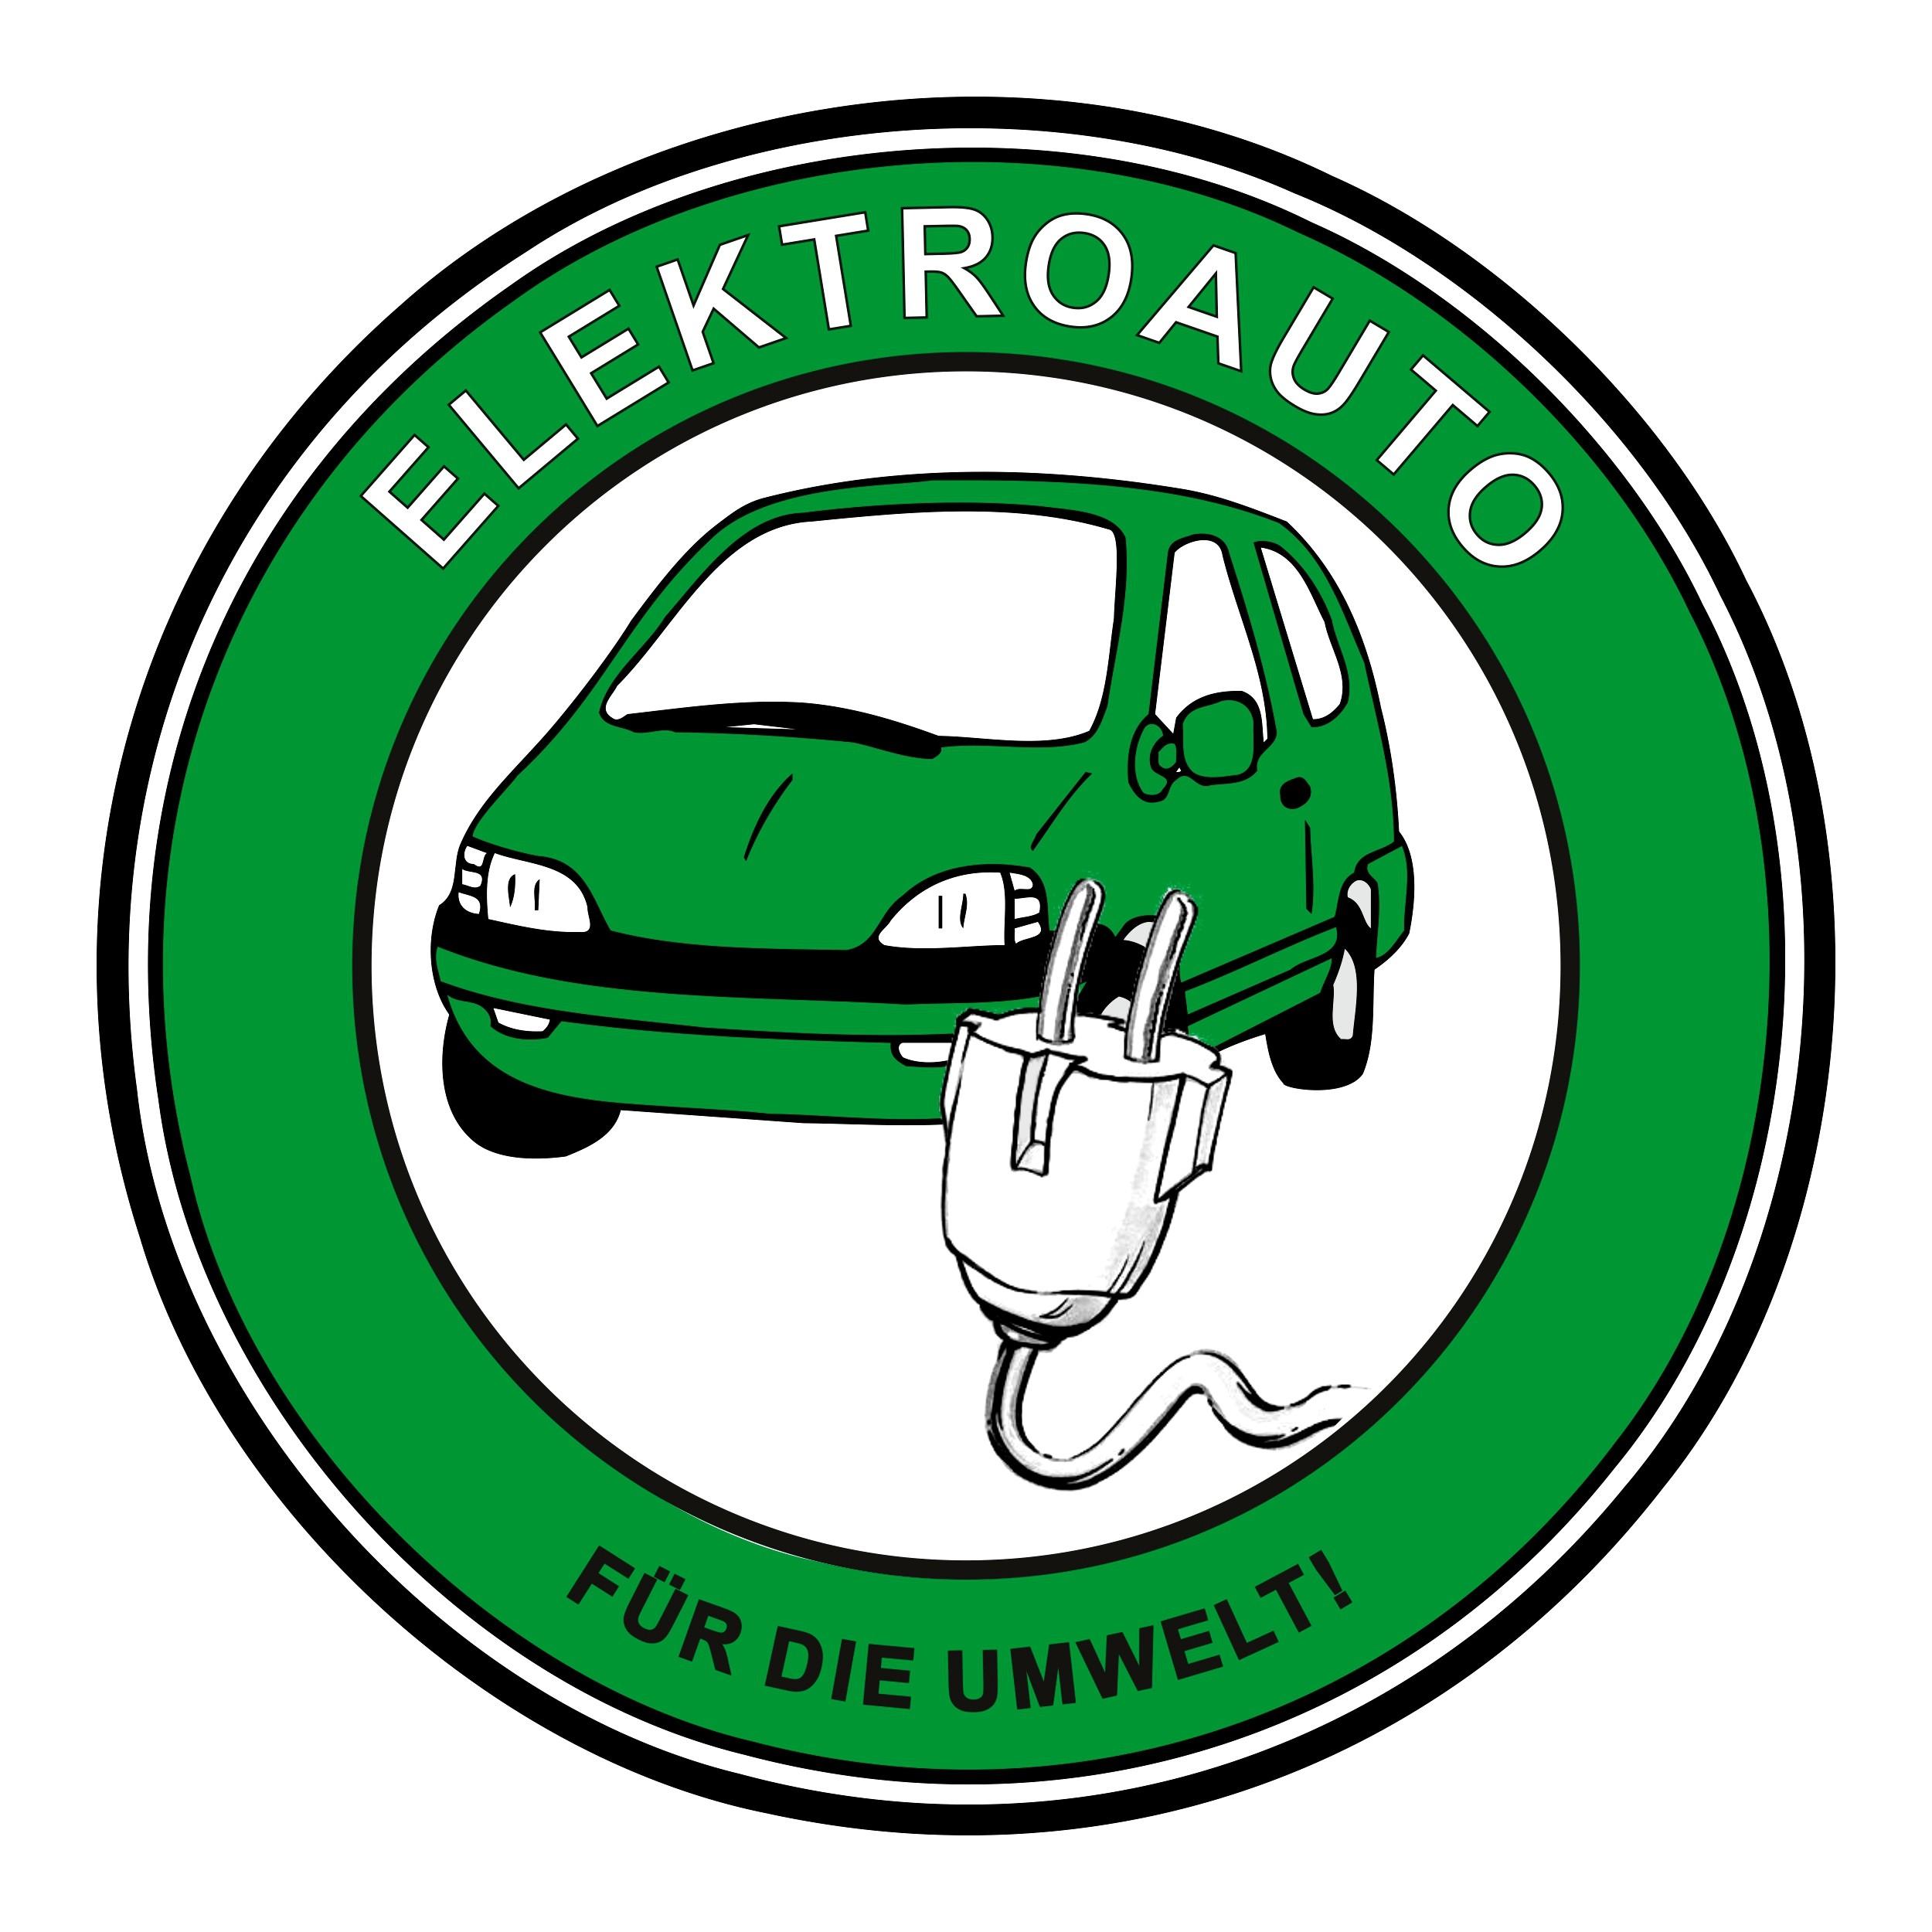 Adhesivo Elektroauto - Für die Umwelt! Ø 60 mm 001